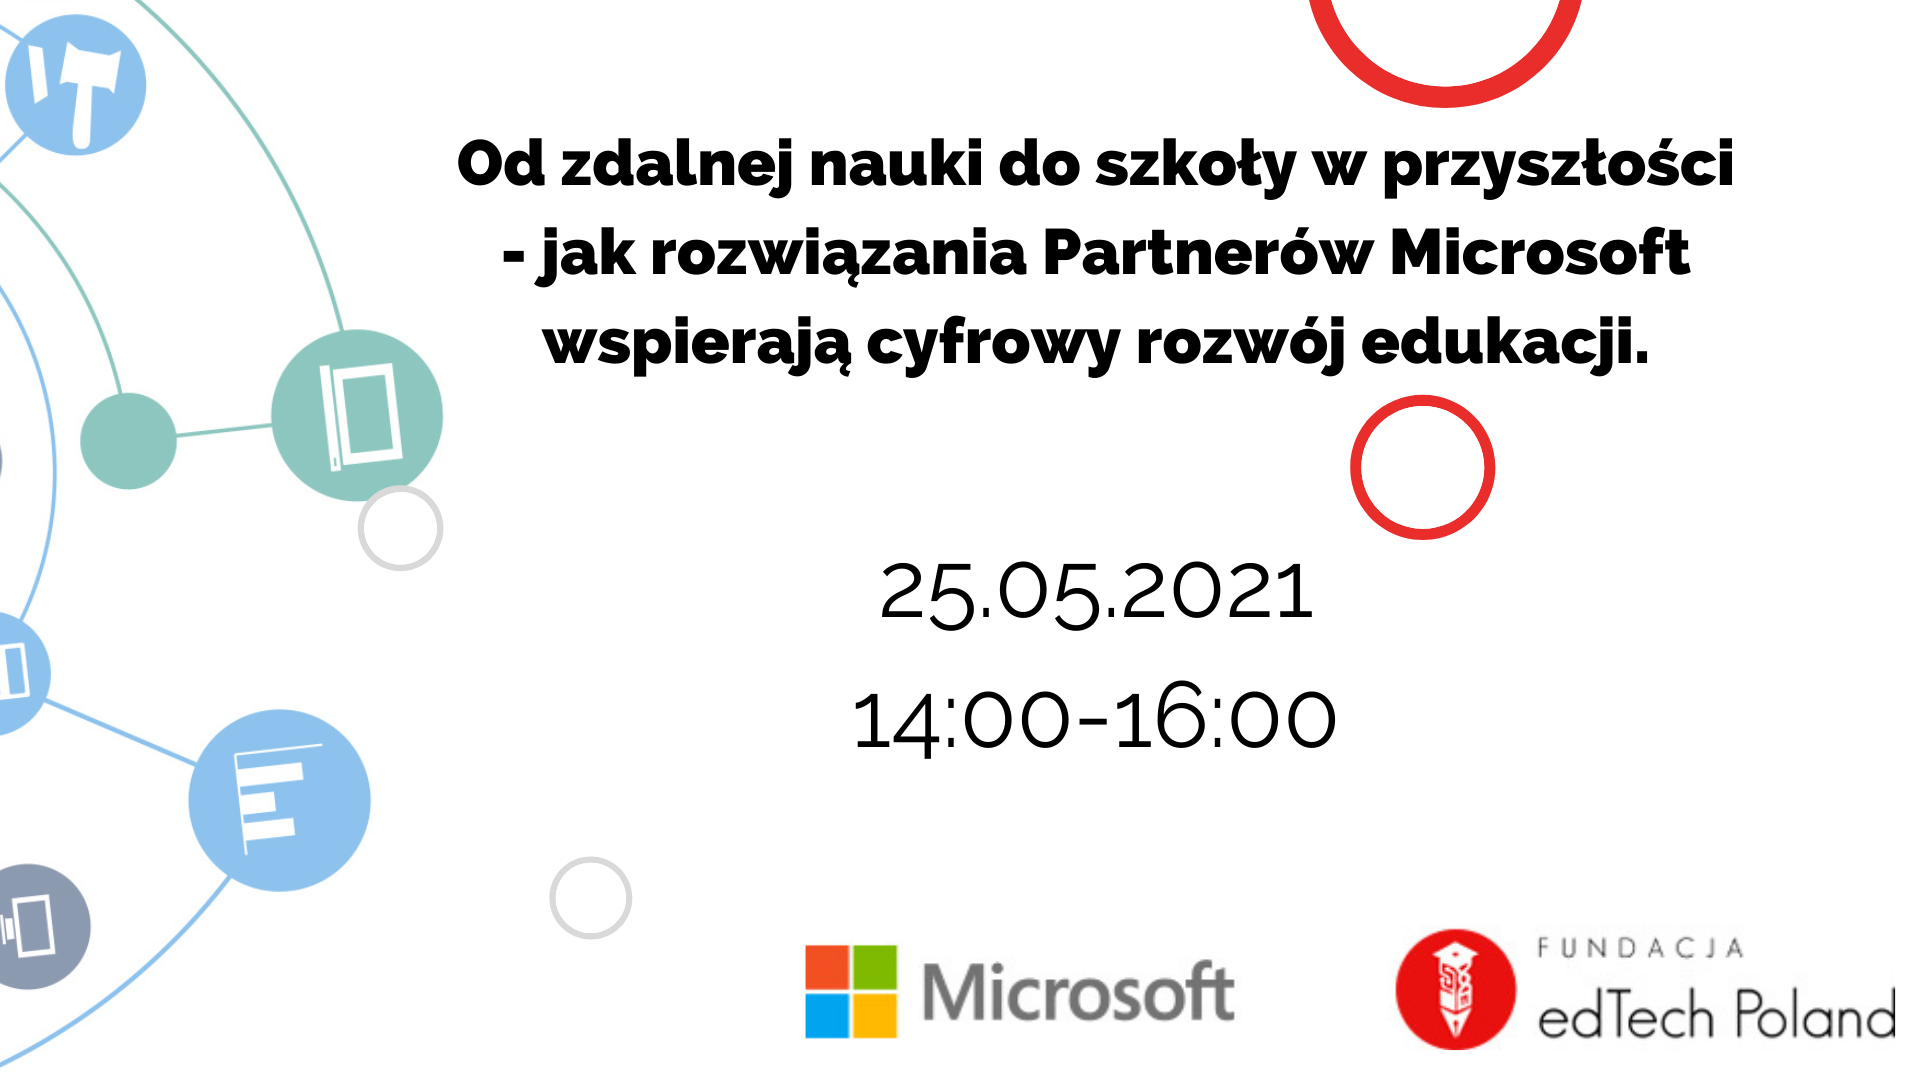 Od zdalnej nauki do szkoły w przyszłości - jak rozwiązania Partnerów Microsoft wspierają cyfrowy rozwój edukacji.